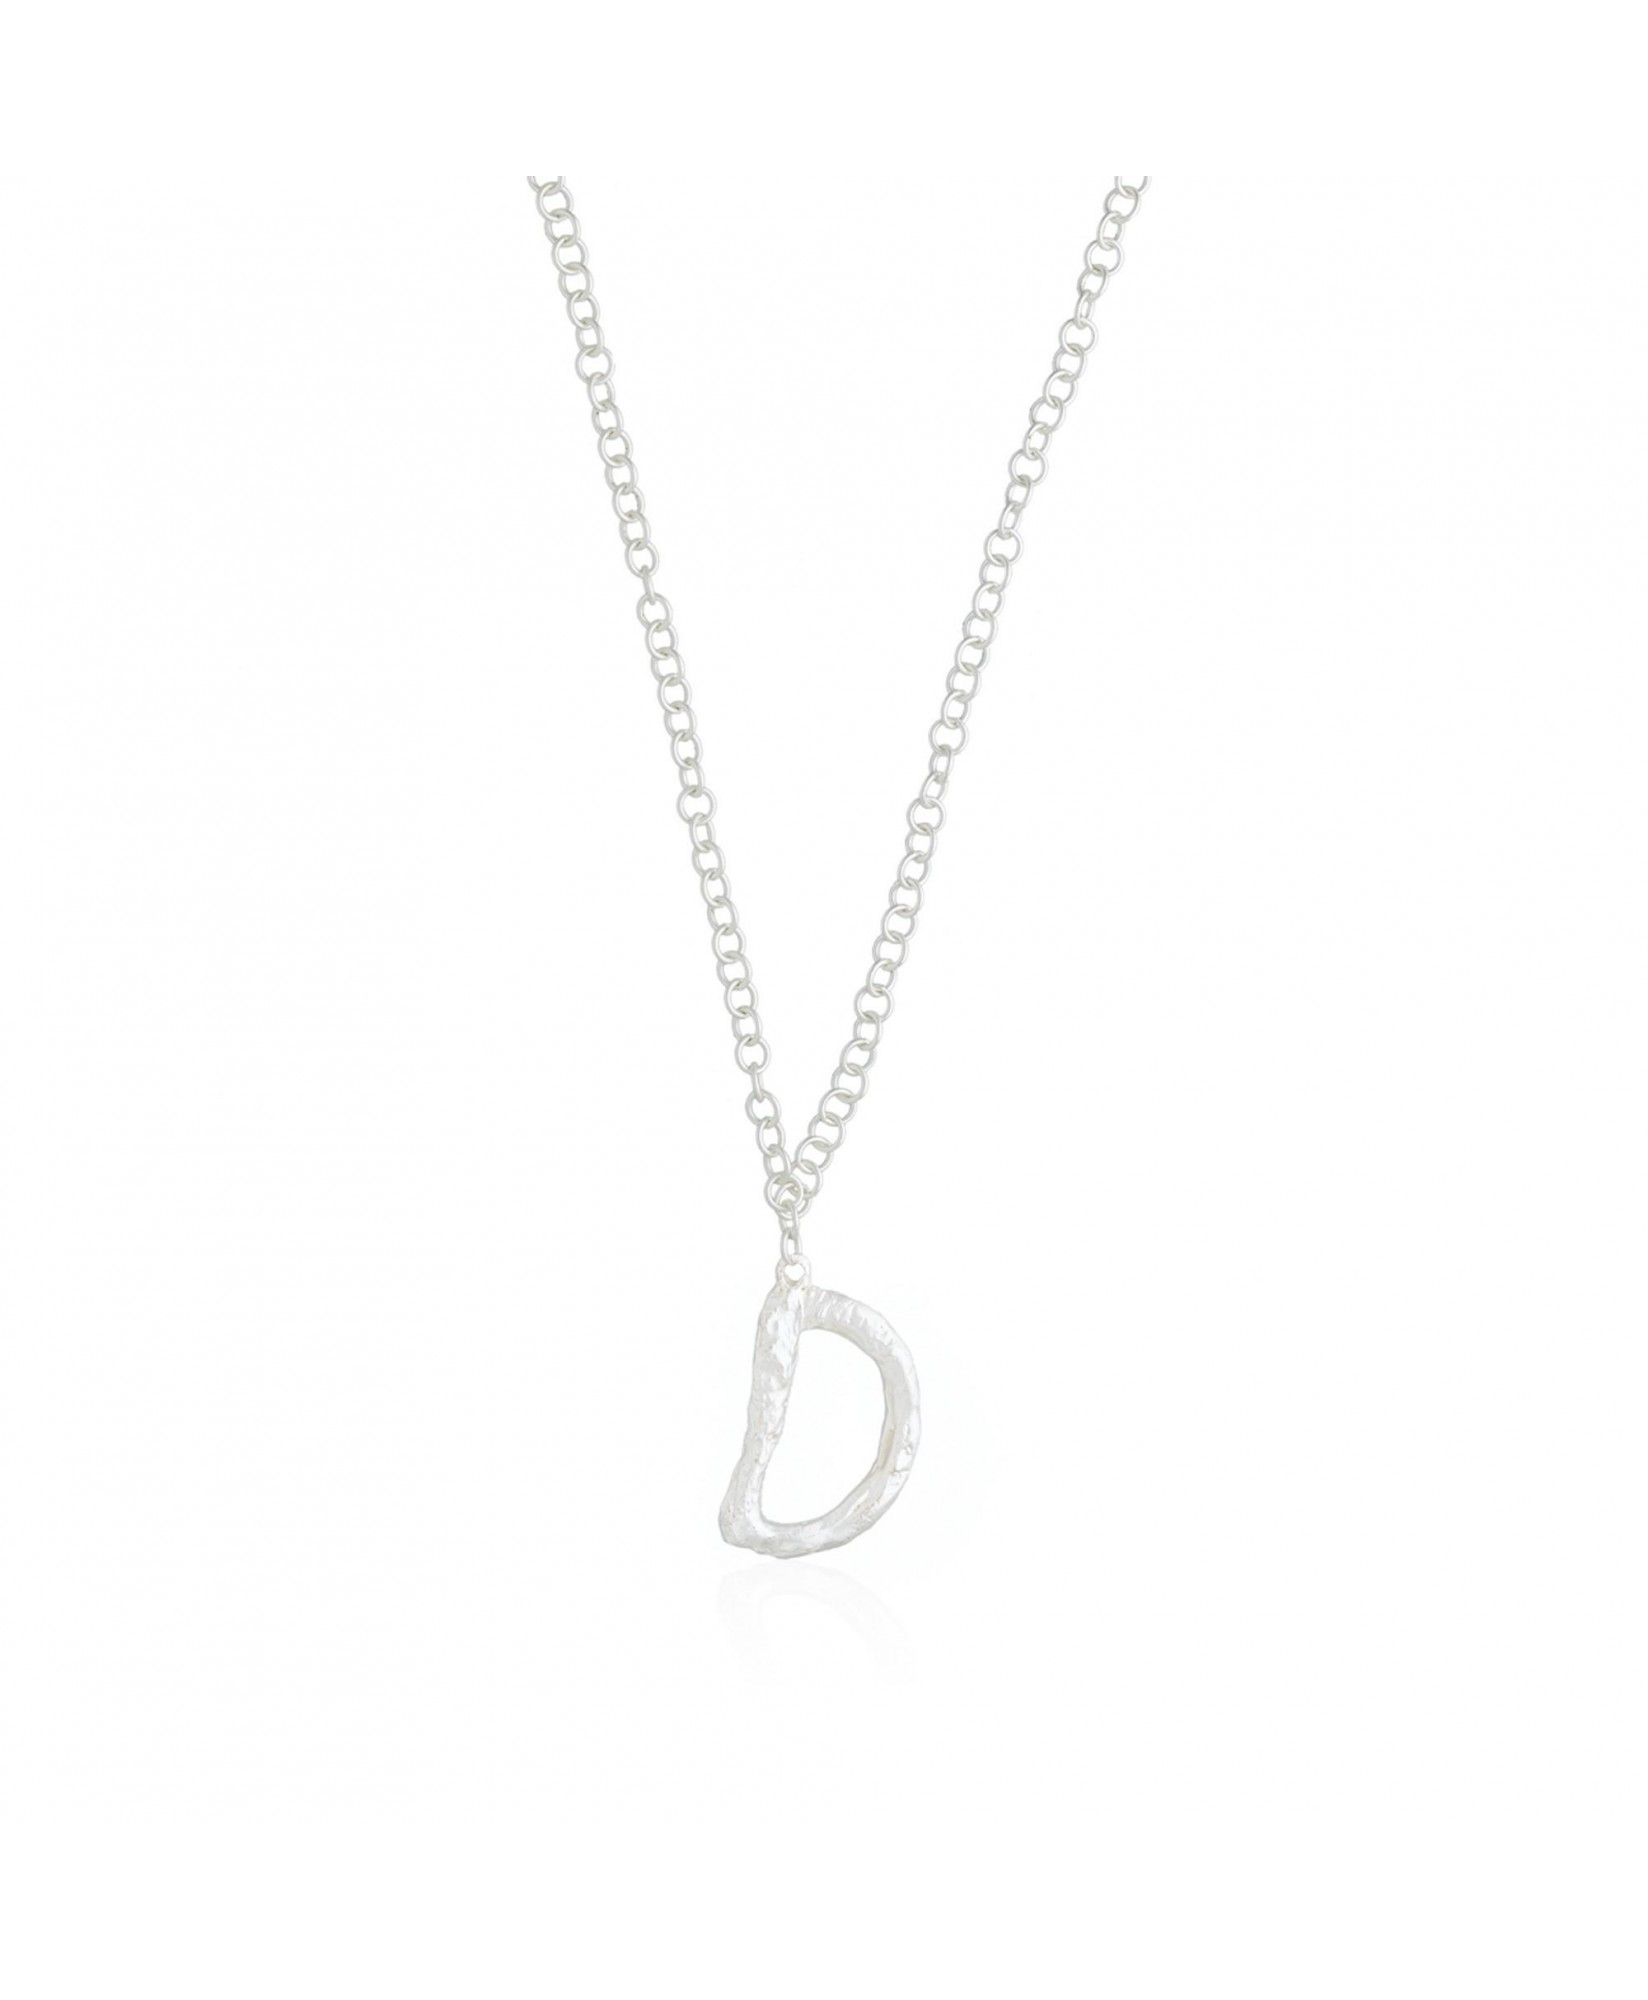 Collar con colgante letra D plata Collar con colgante letra D plata